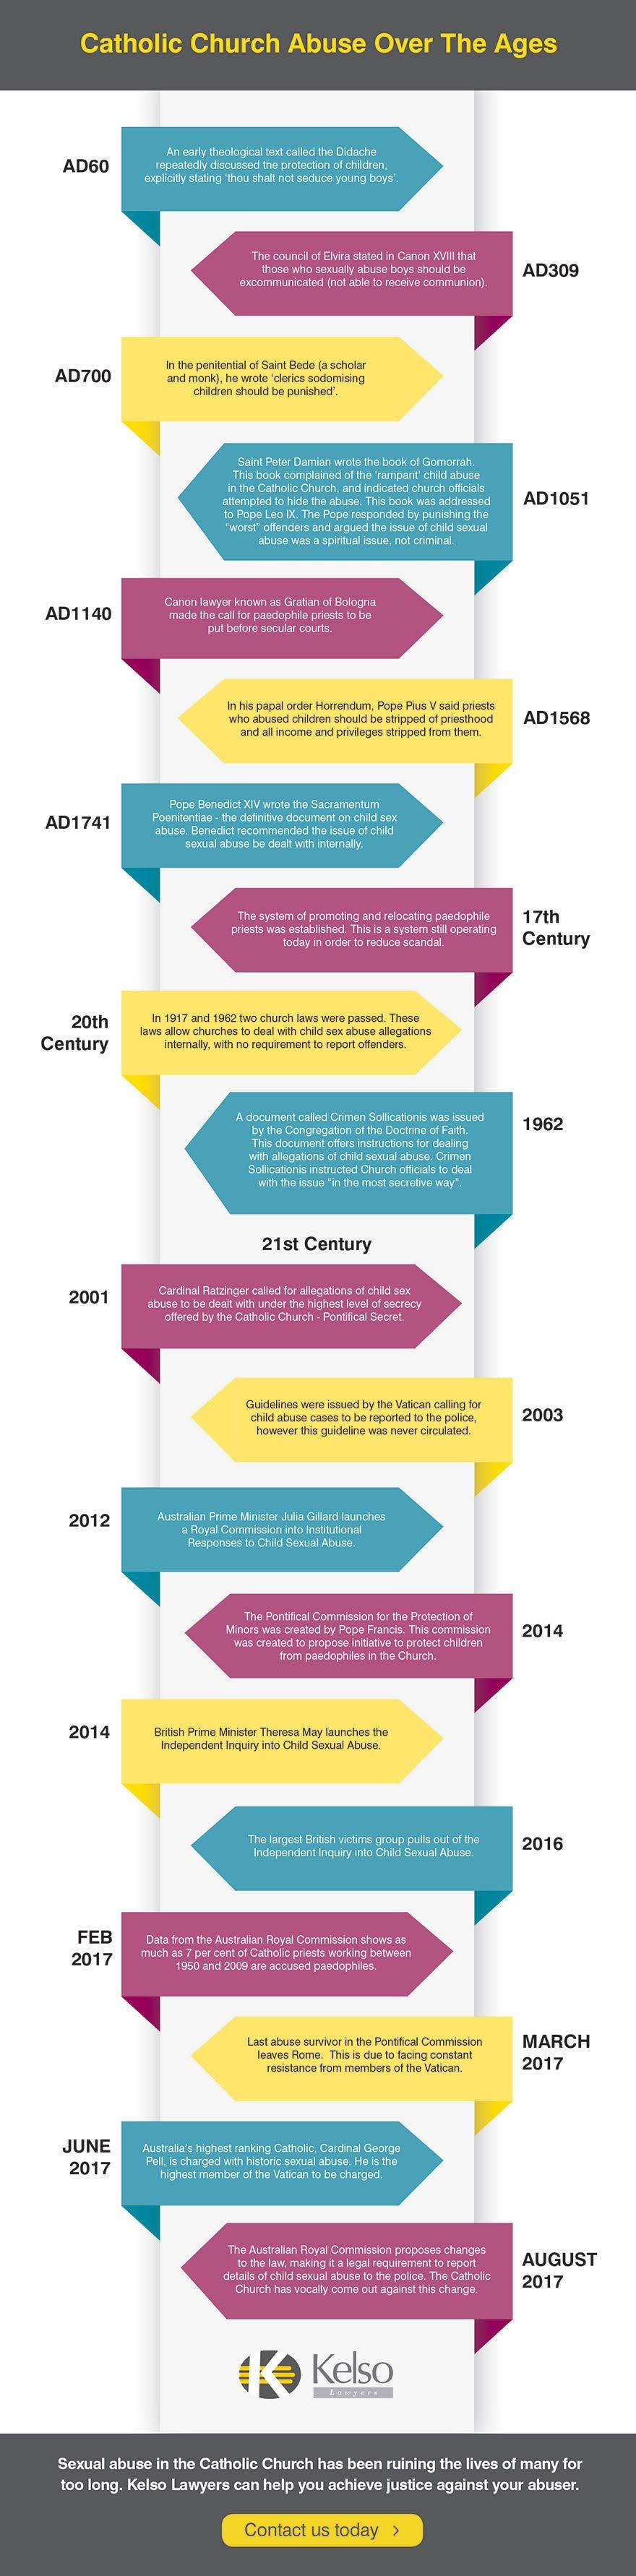 Kelso-Catholic-Abuse-Timeline